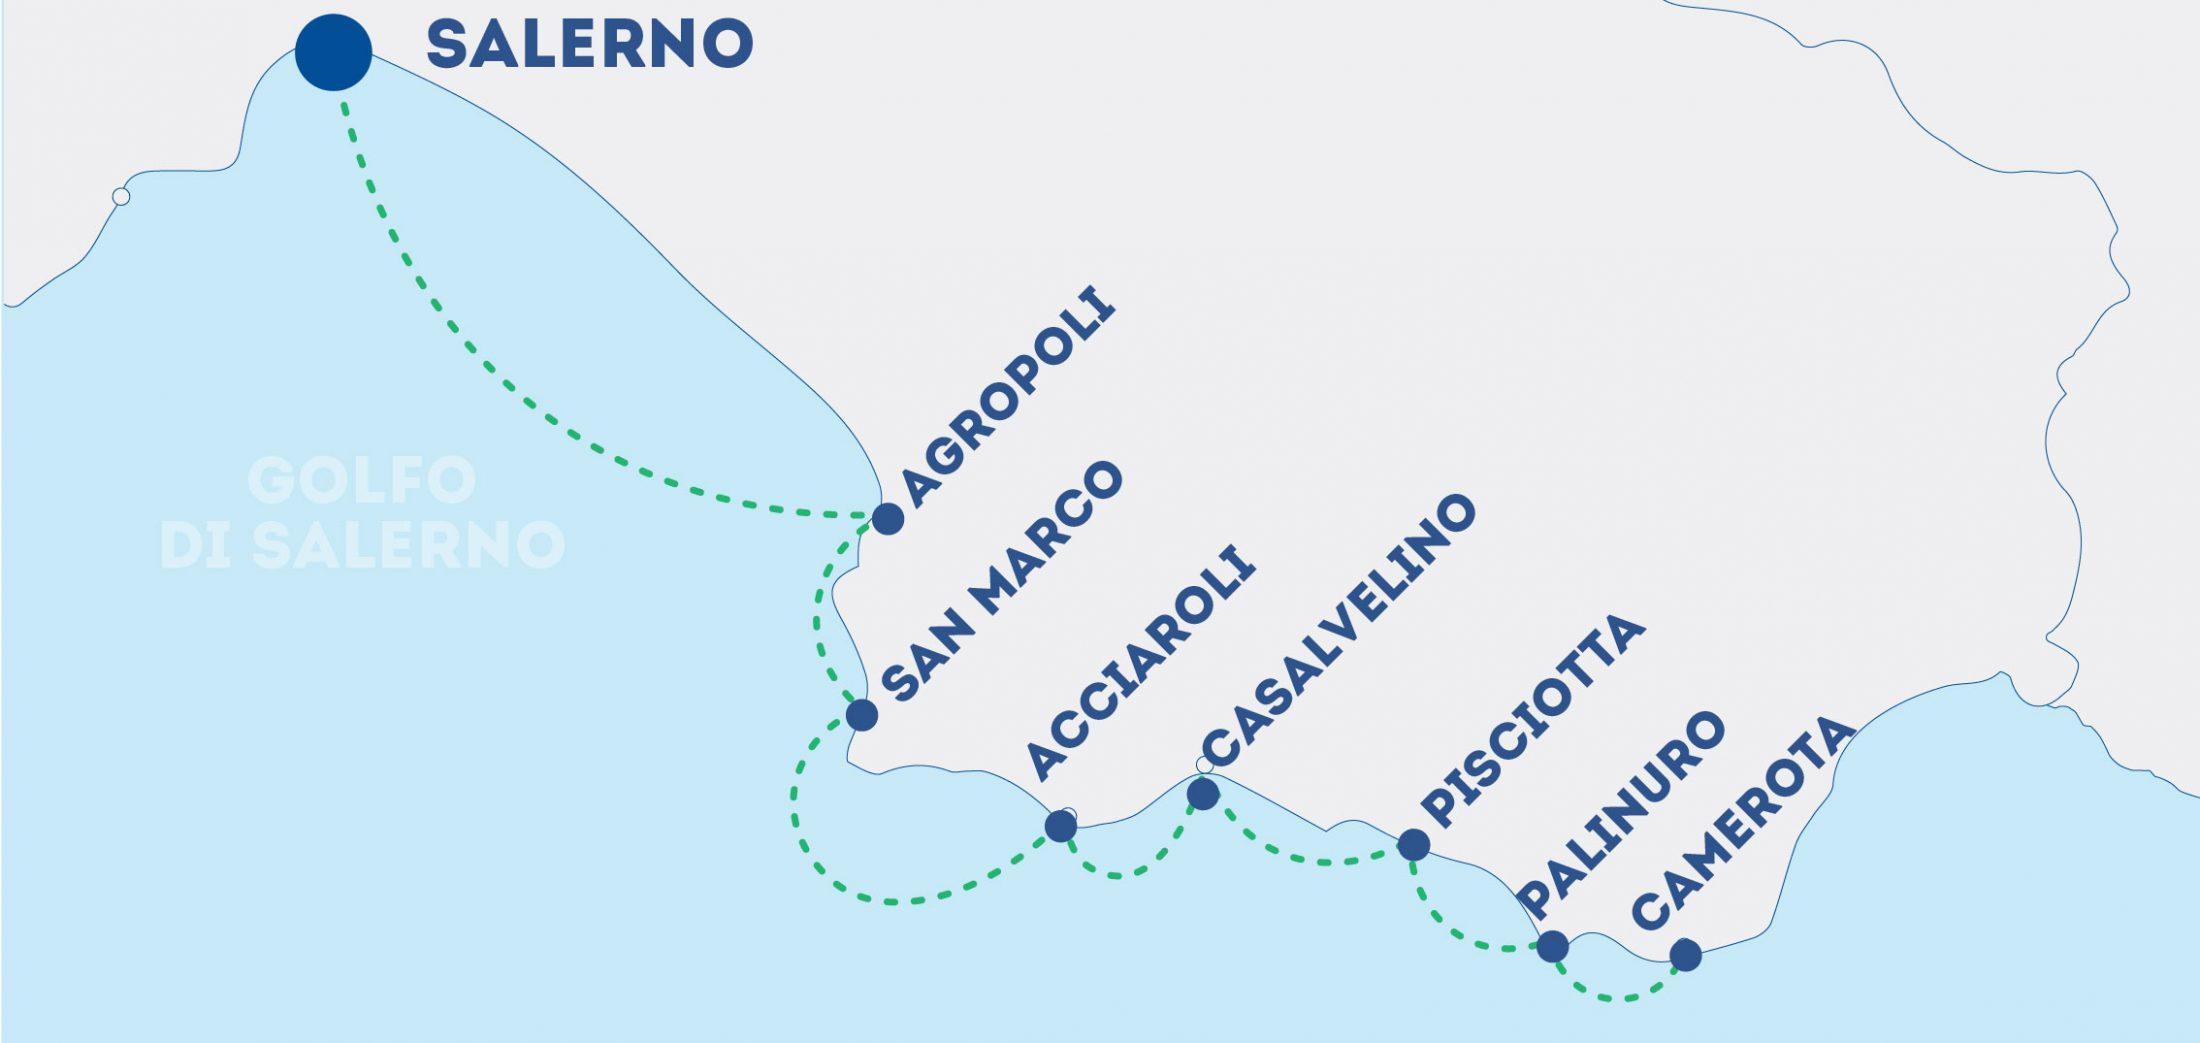 MAPPA ALICOST NEW 02 1 - Orari e costi Metro' del Mare dal 22 giugno